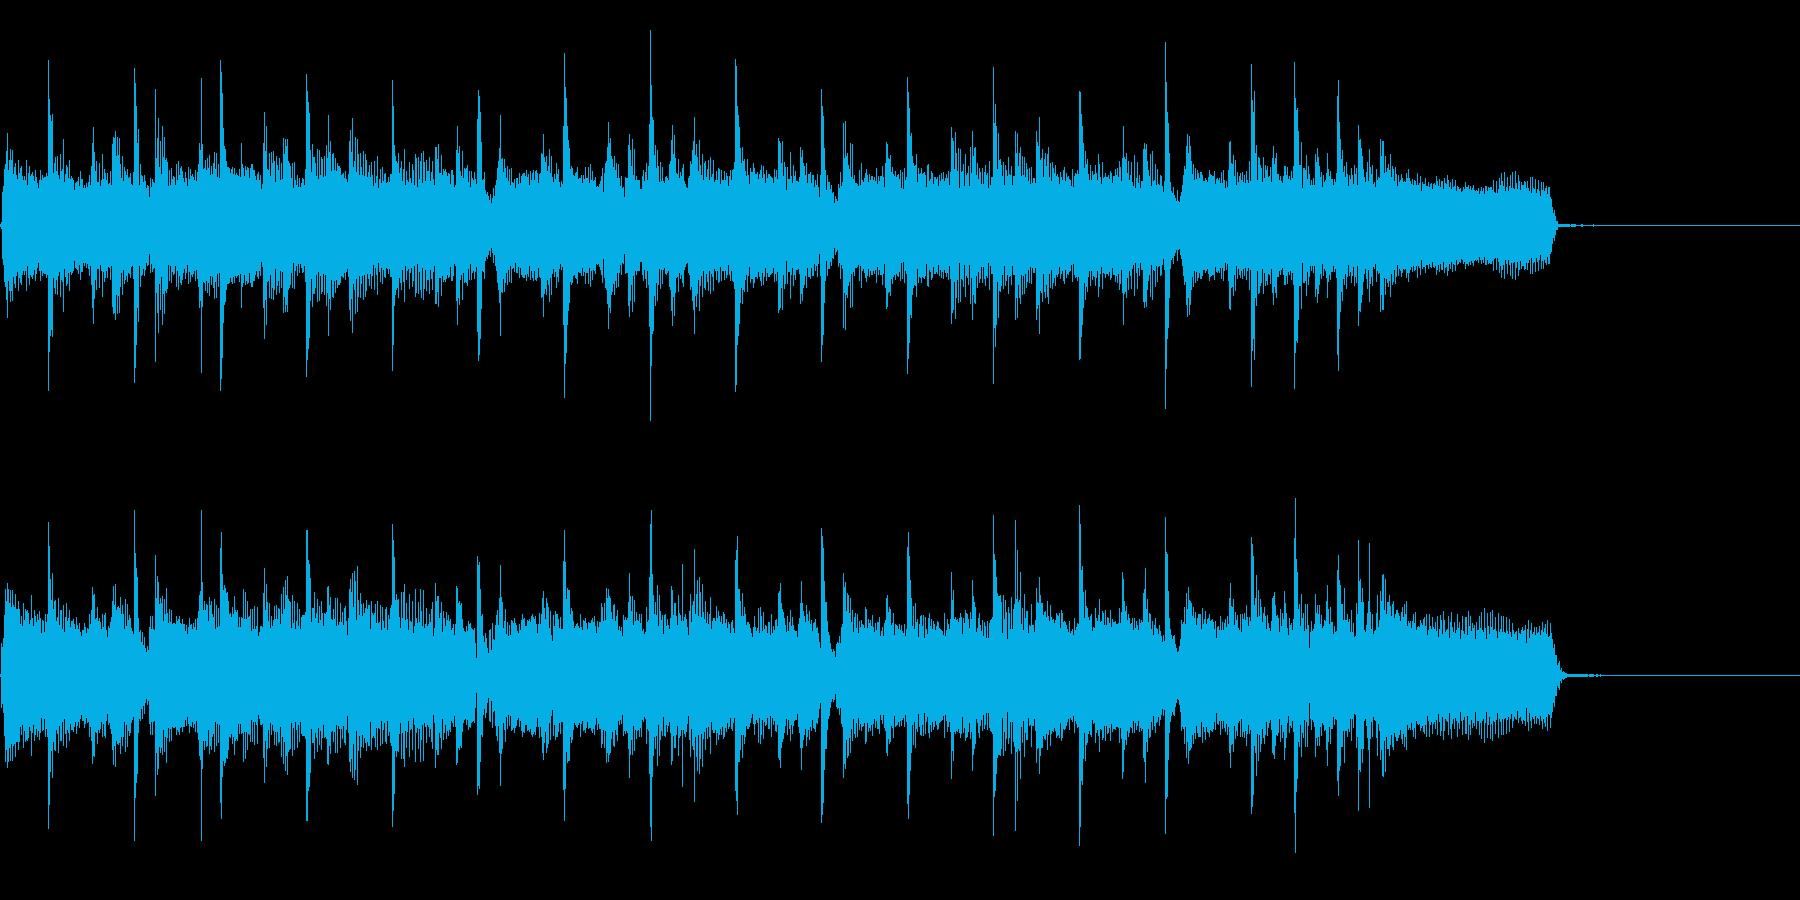 主張しすぎないロック系ジングル・キーDの再生済みの波形